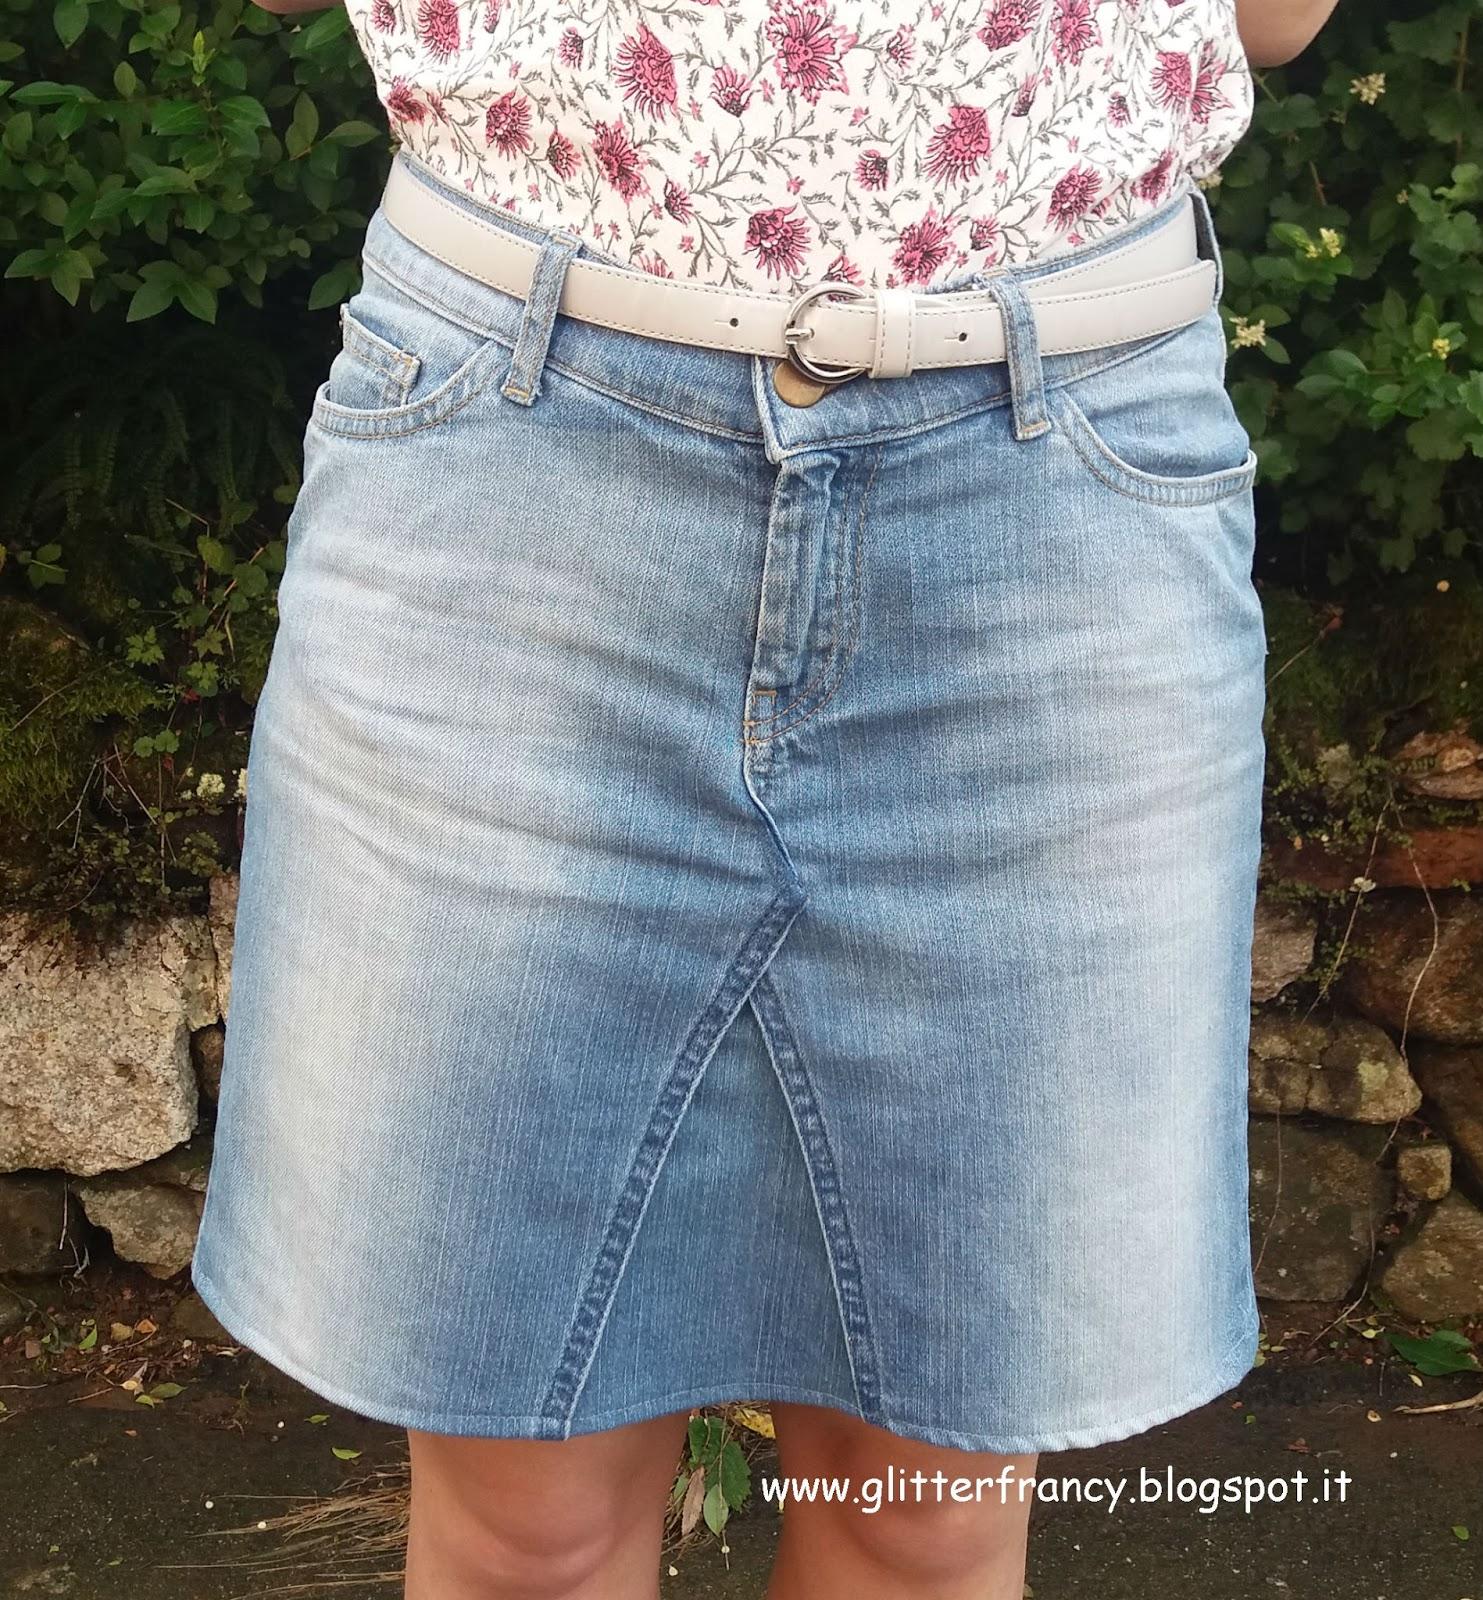 #1 Trasformare un paio di jeans in una gonna